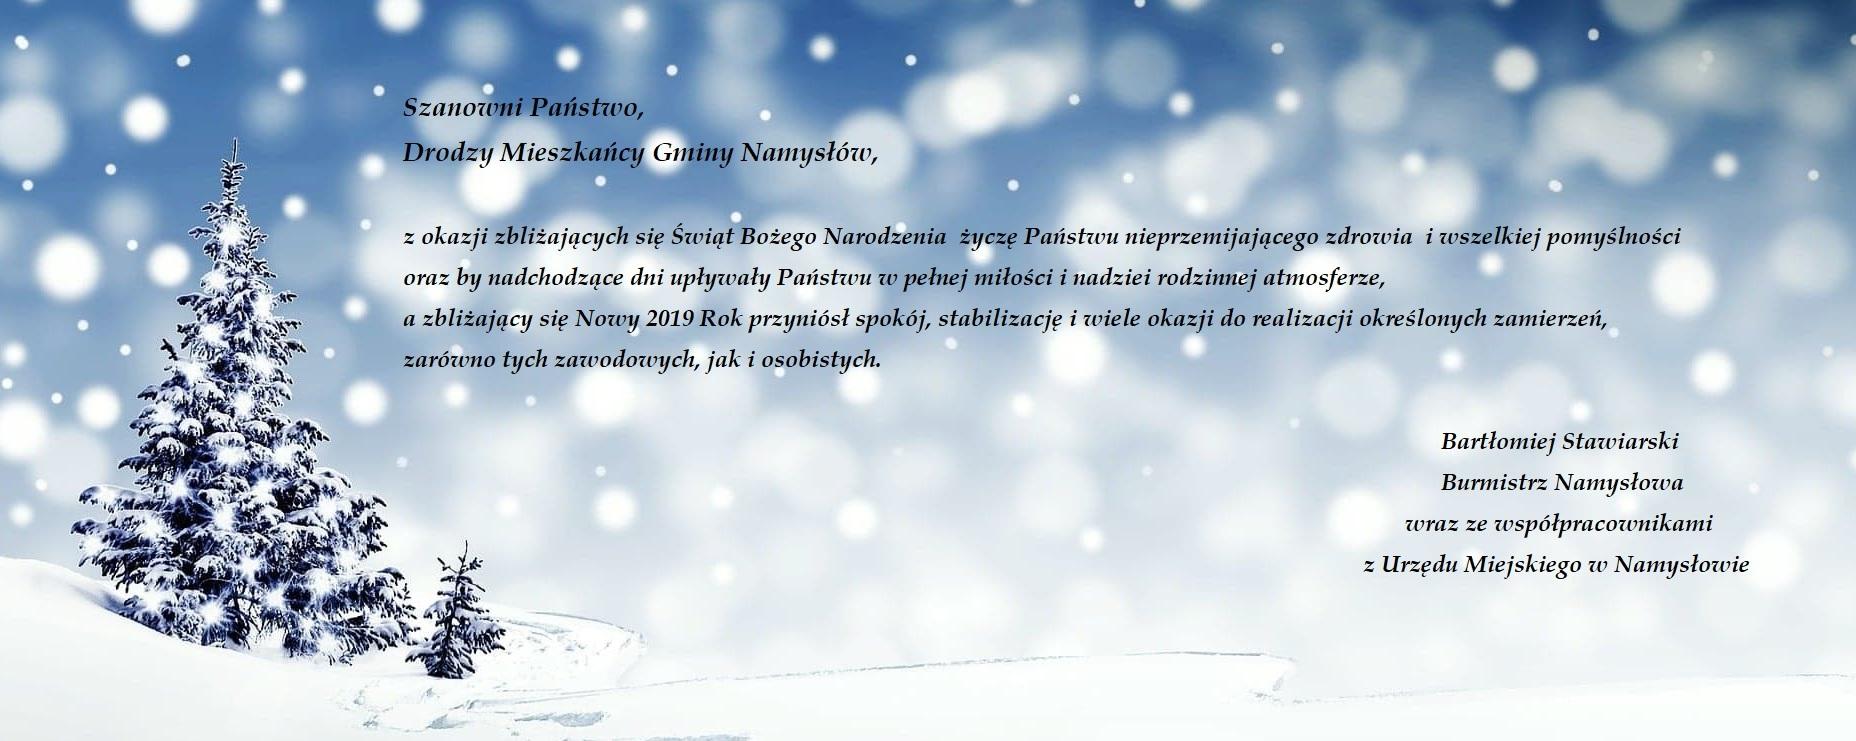 Życzenia Boże Narodzenie na fb i stronę.jpeg